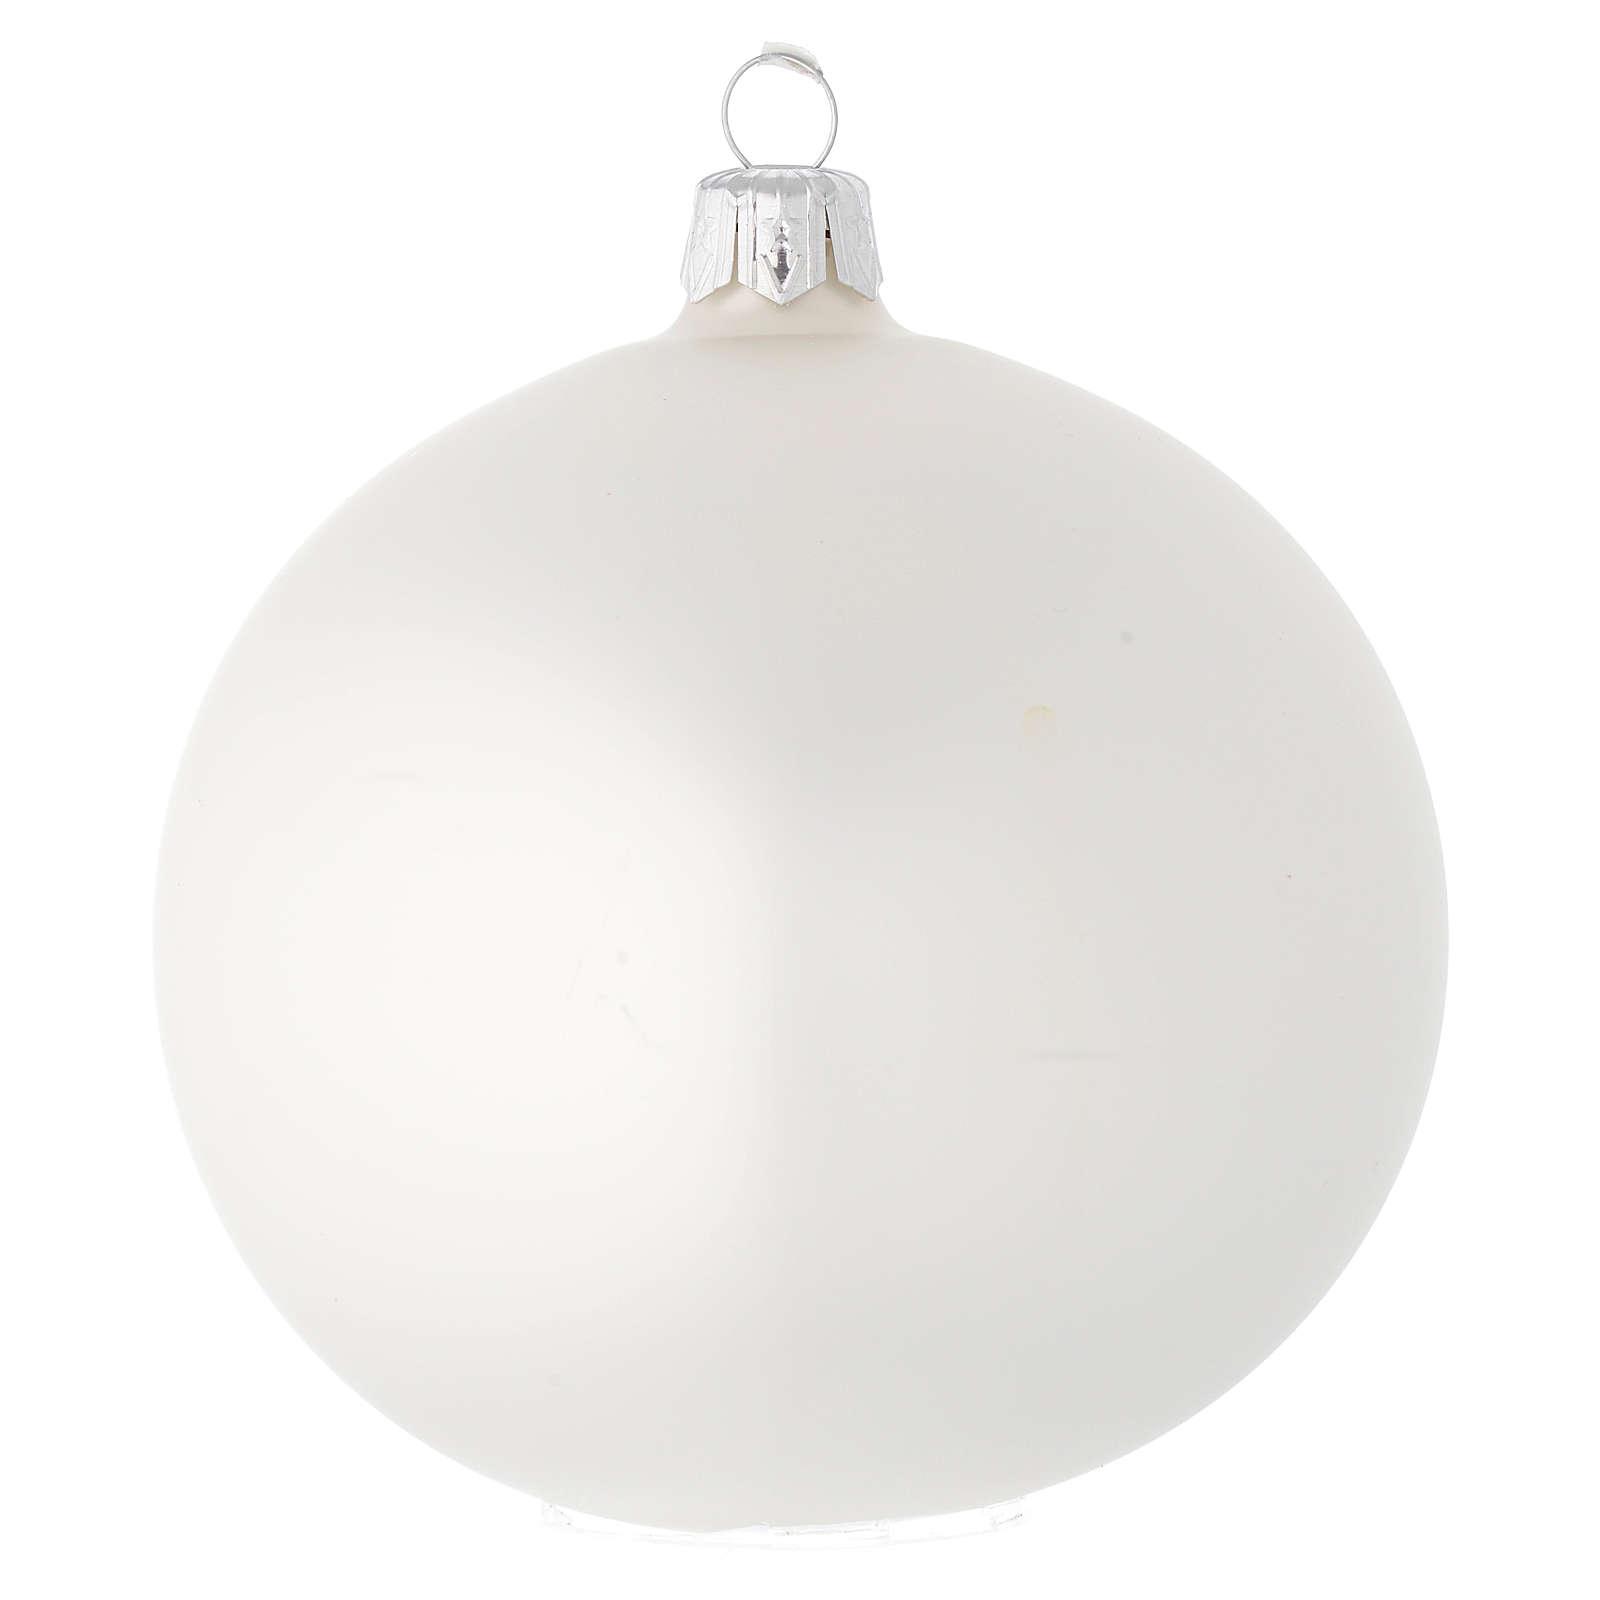 Bola de Navidad de vidrio blanco satinado 100 mm 4